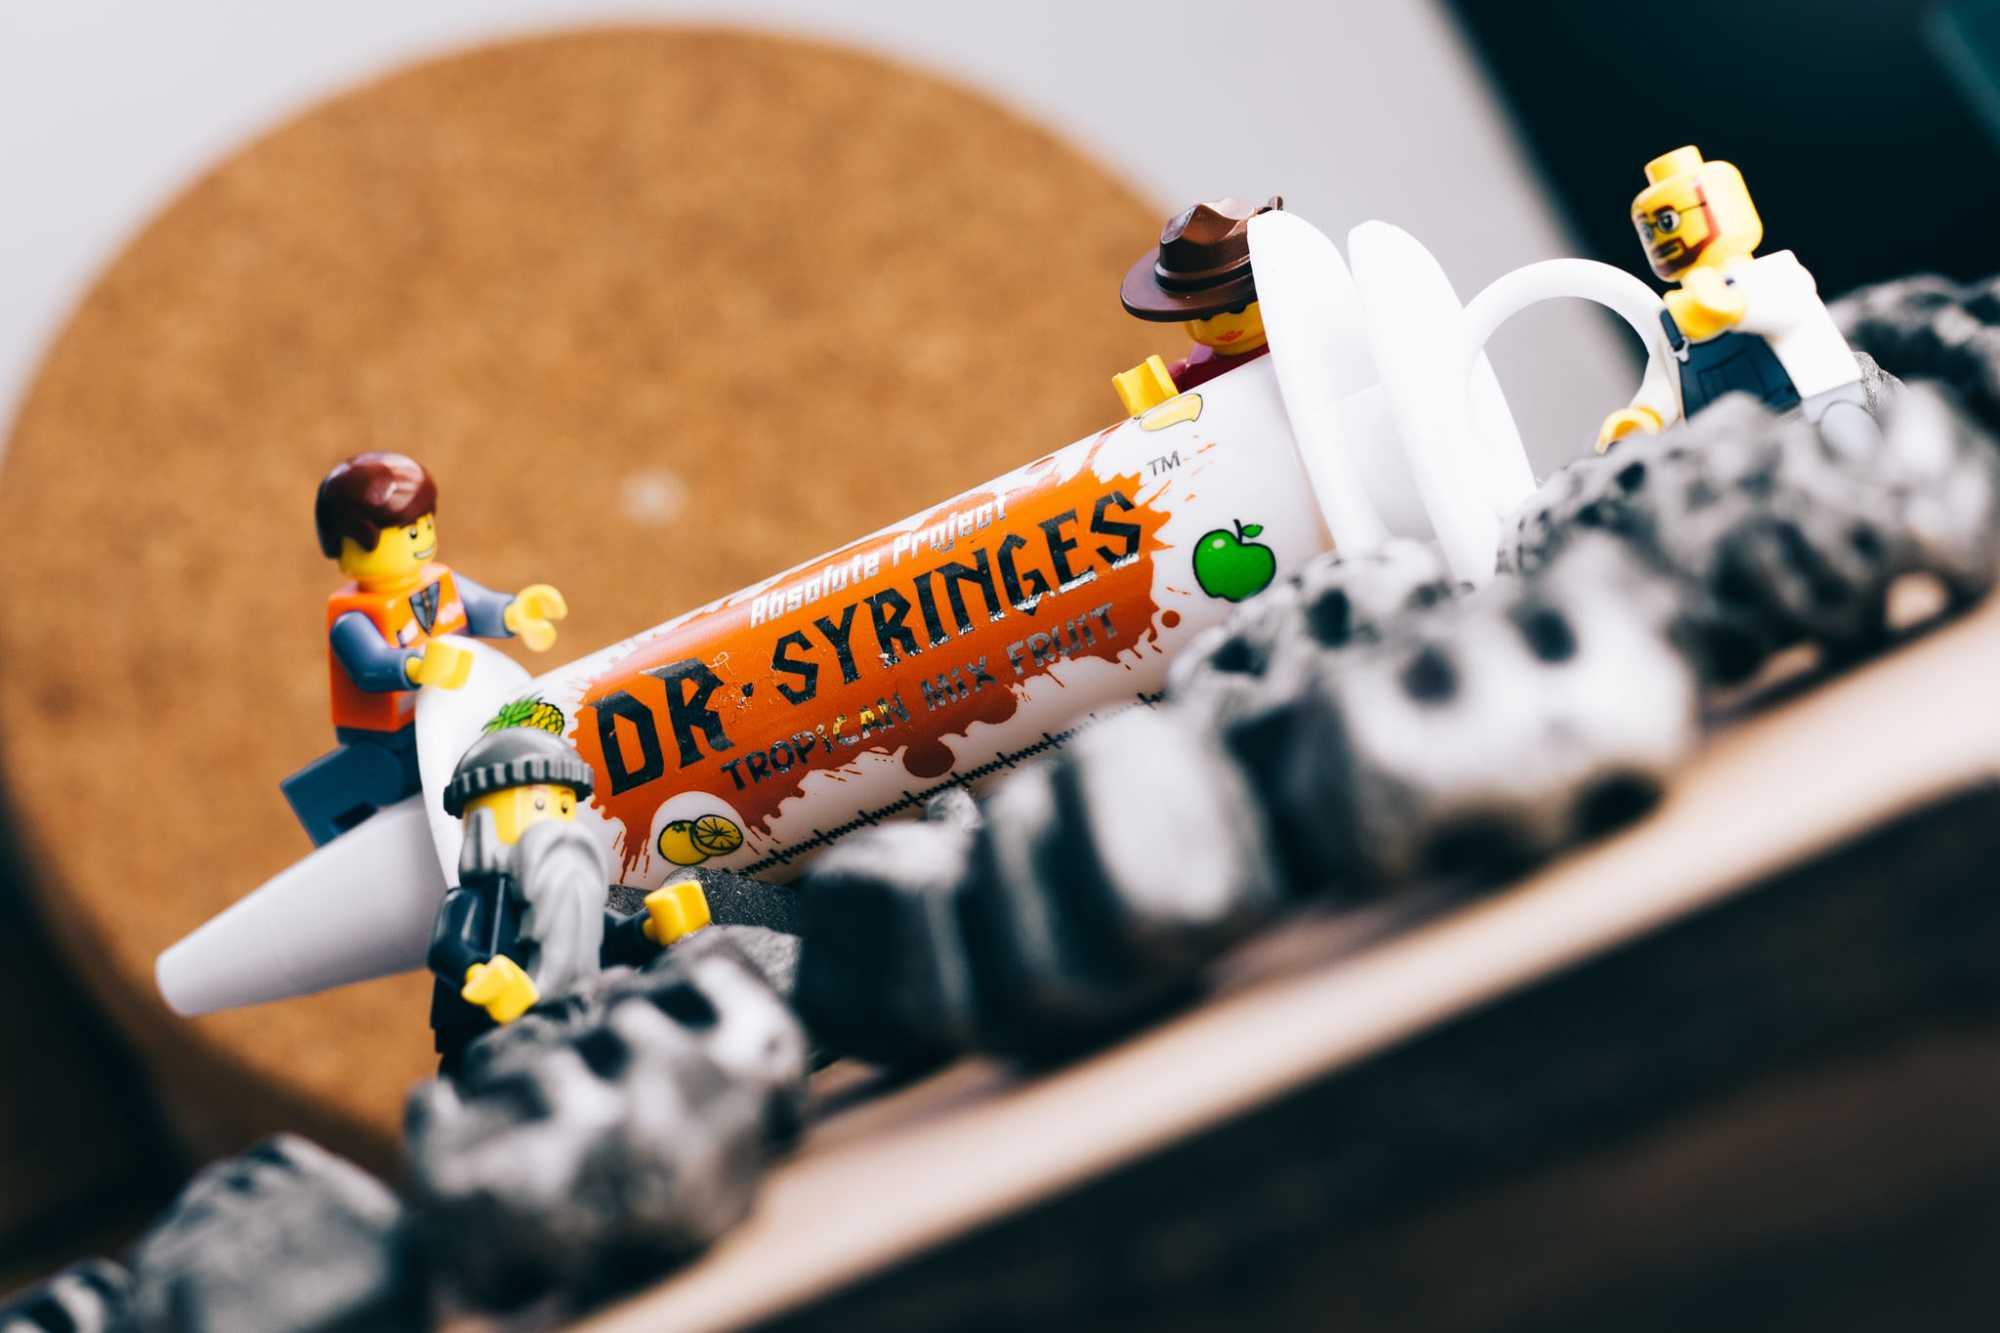 dr syringes